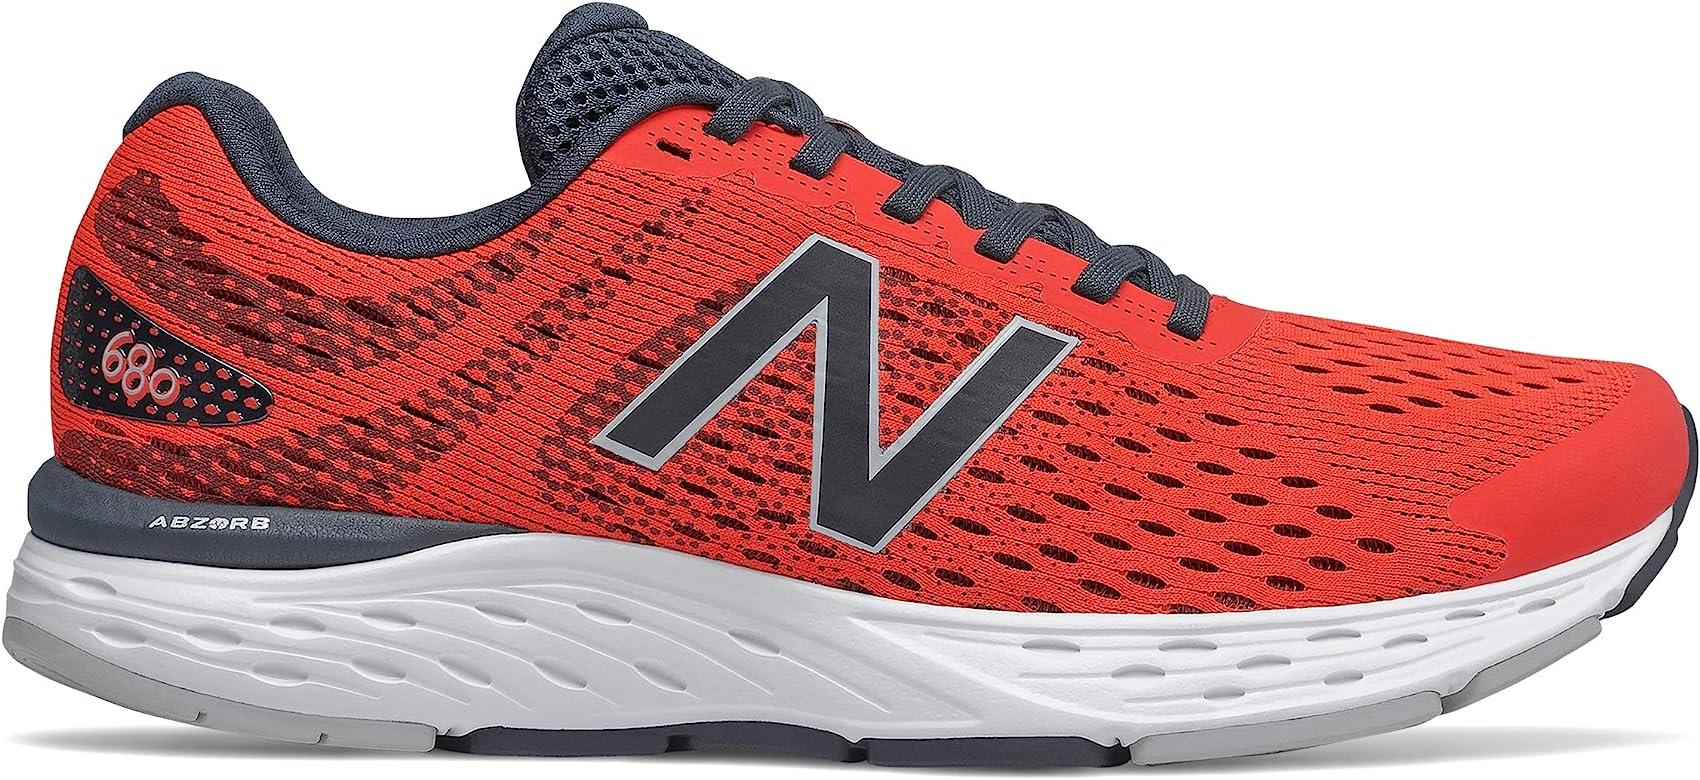 New Balance 680 V6 Cushioning, Zapatillas para Correr para Hombre, Cable Blaze Oscuro, 40 EU: Amazon.es: Zapatos y complementos